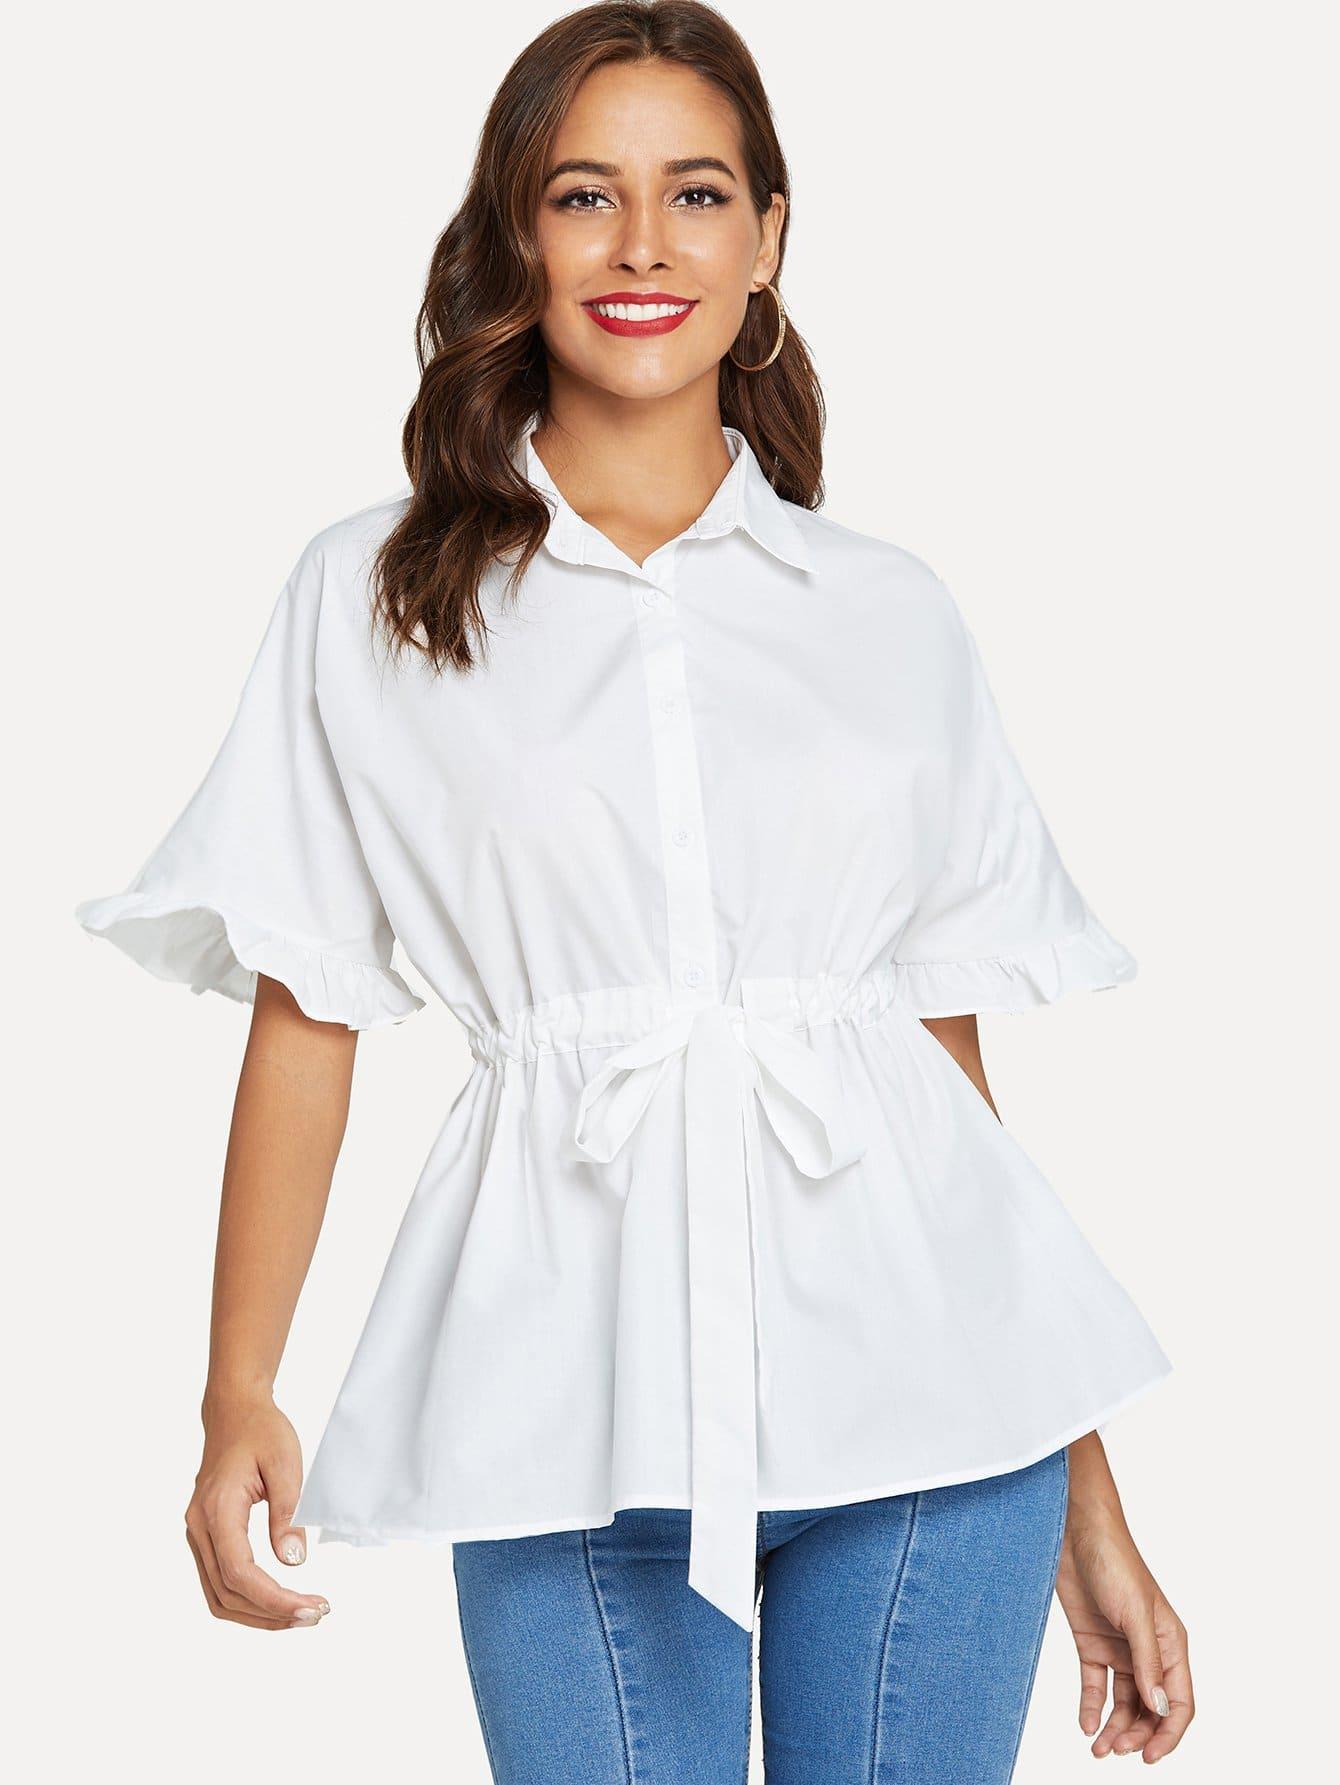 Купить Рубашка с коротким рукавом, Giulia, SheIn